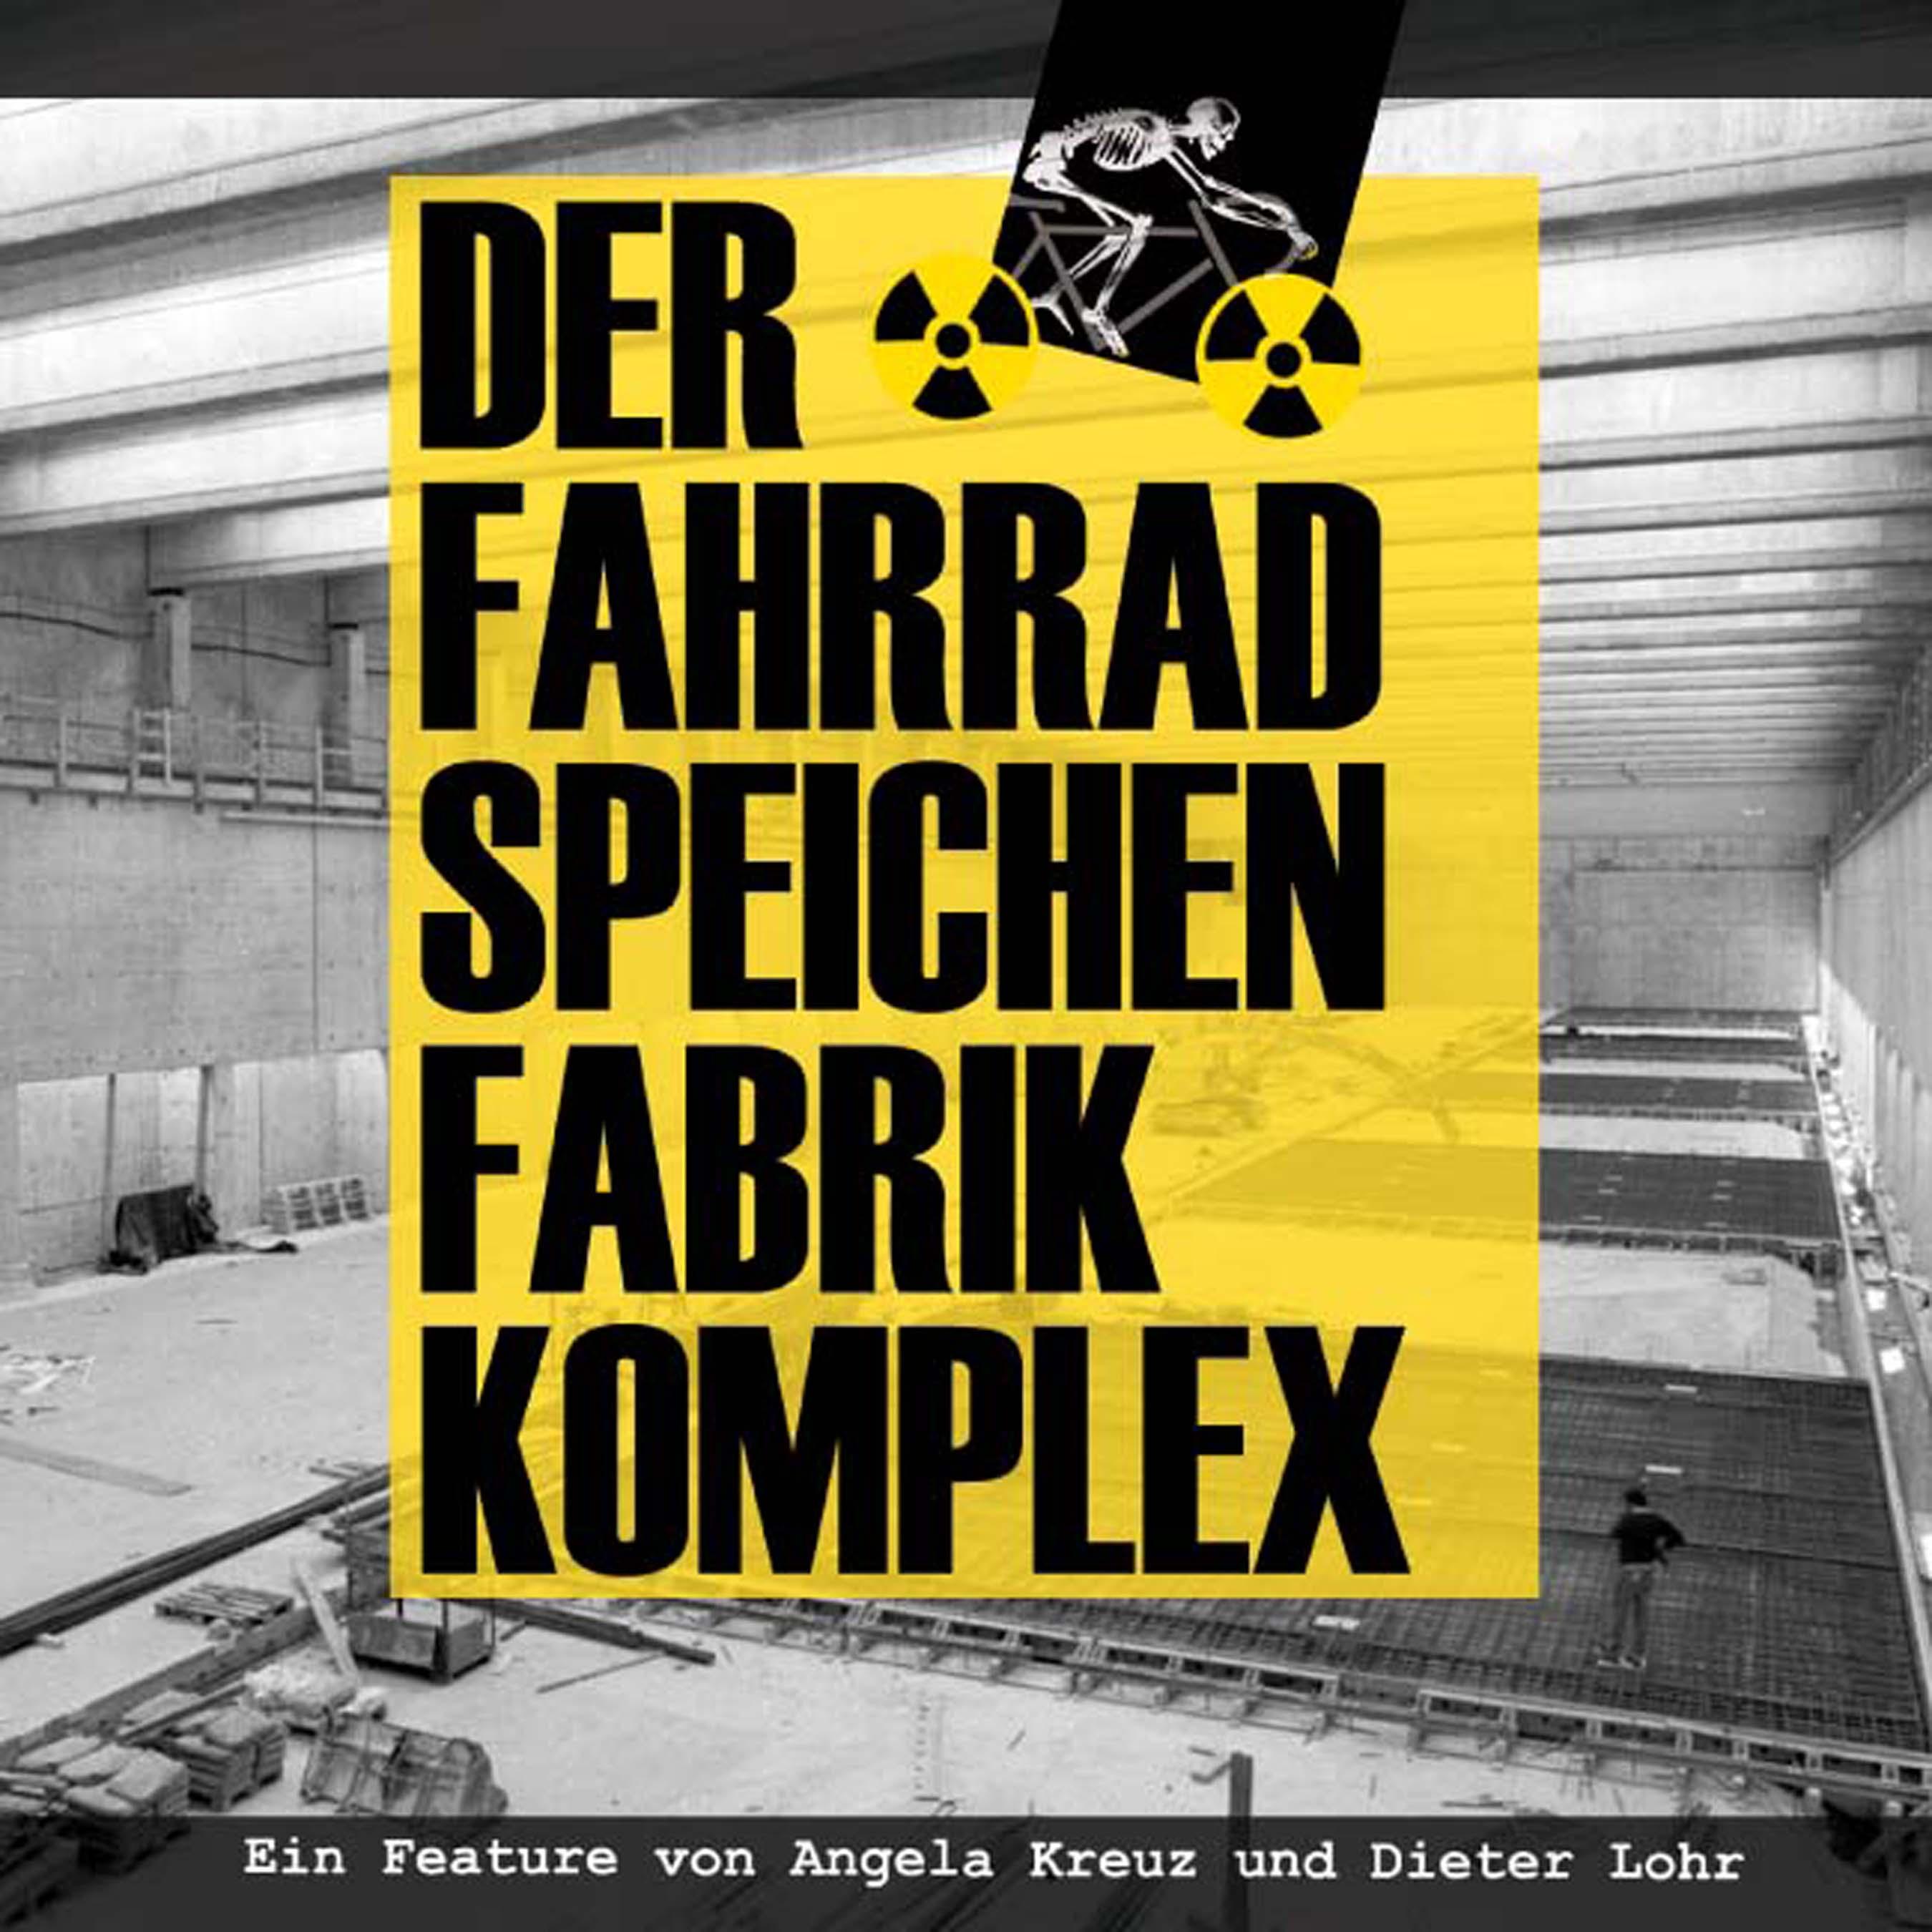 - Der Fahrradspeichenfabrikkomplex